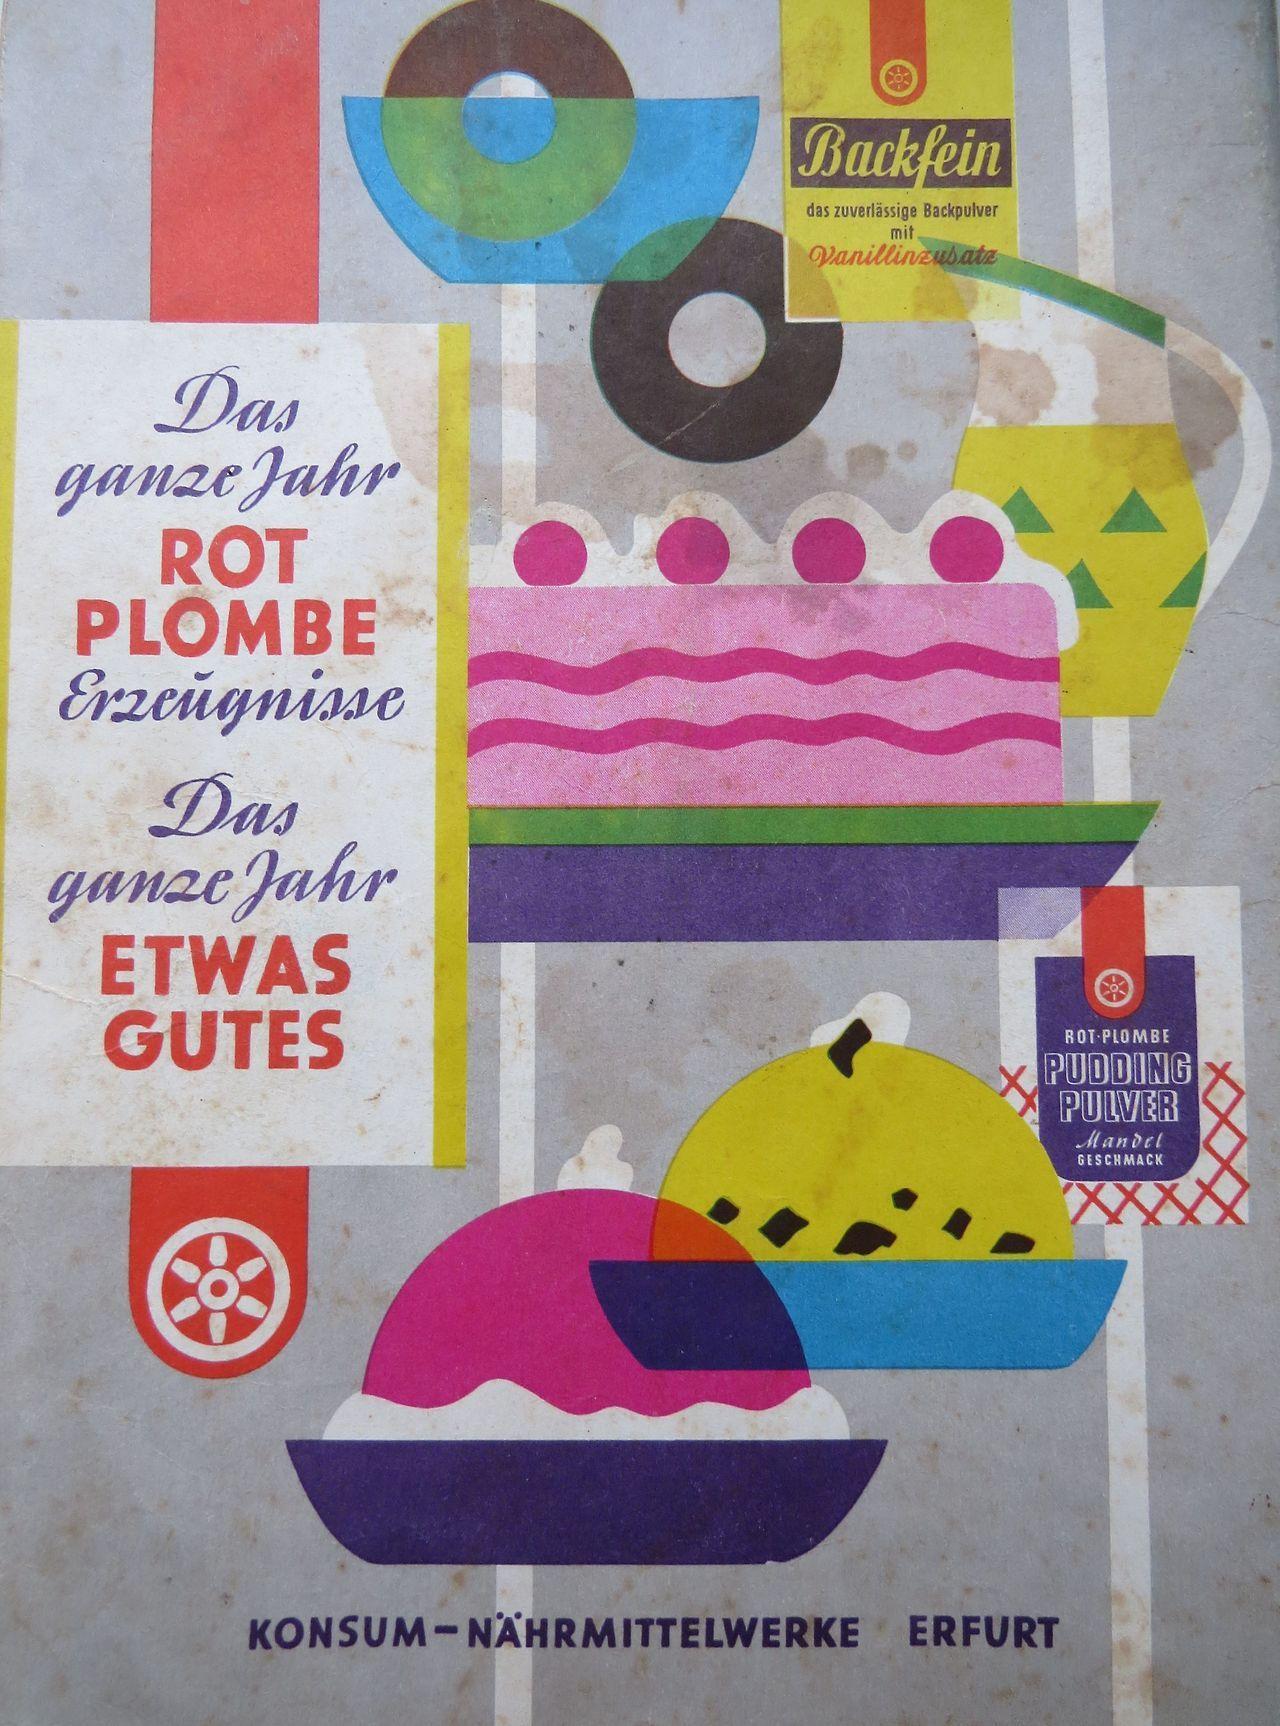 East german vintage ad werbung aus der ddr 1963 rotplombe erfurt pinterest ddr datsche - Geburtstagsideen berlin ...